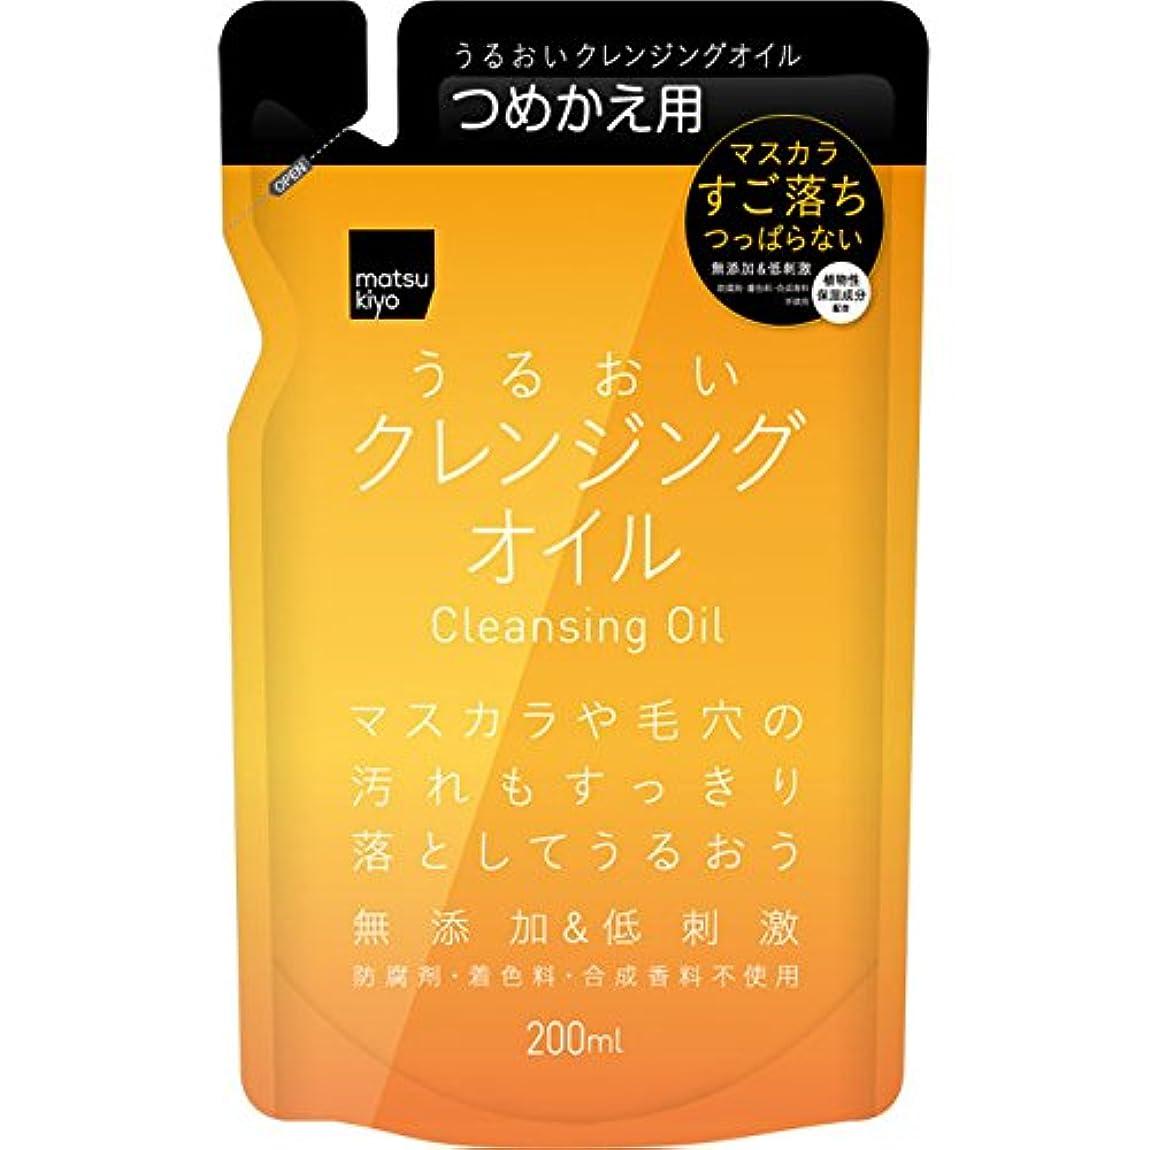 一口なめらかなガイド熊野油脂 matsukiyo うるおいクレンジングオイル 詰替 200ml詰替